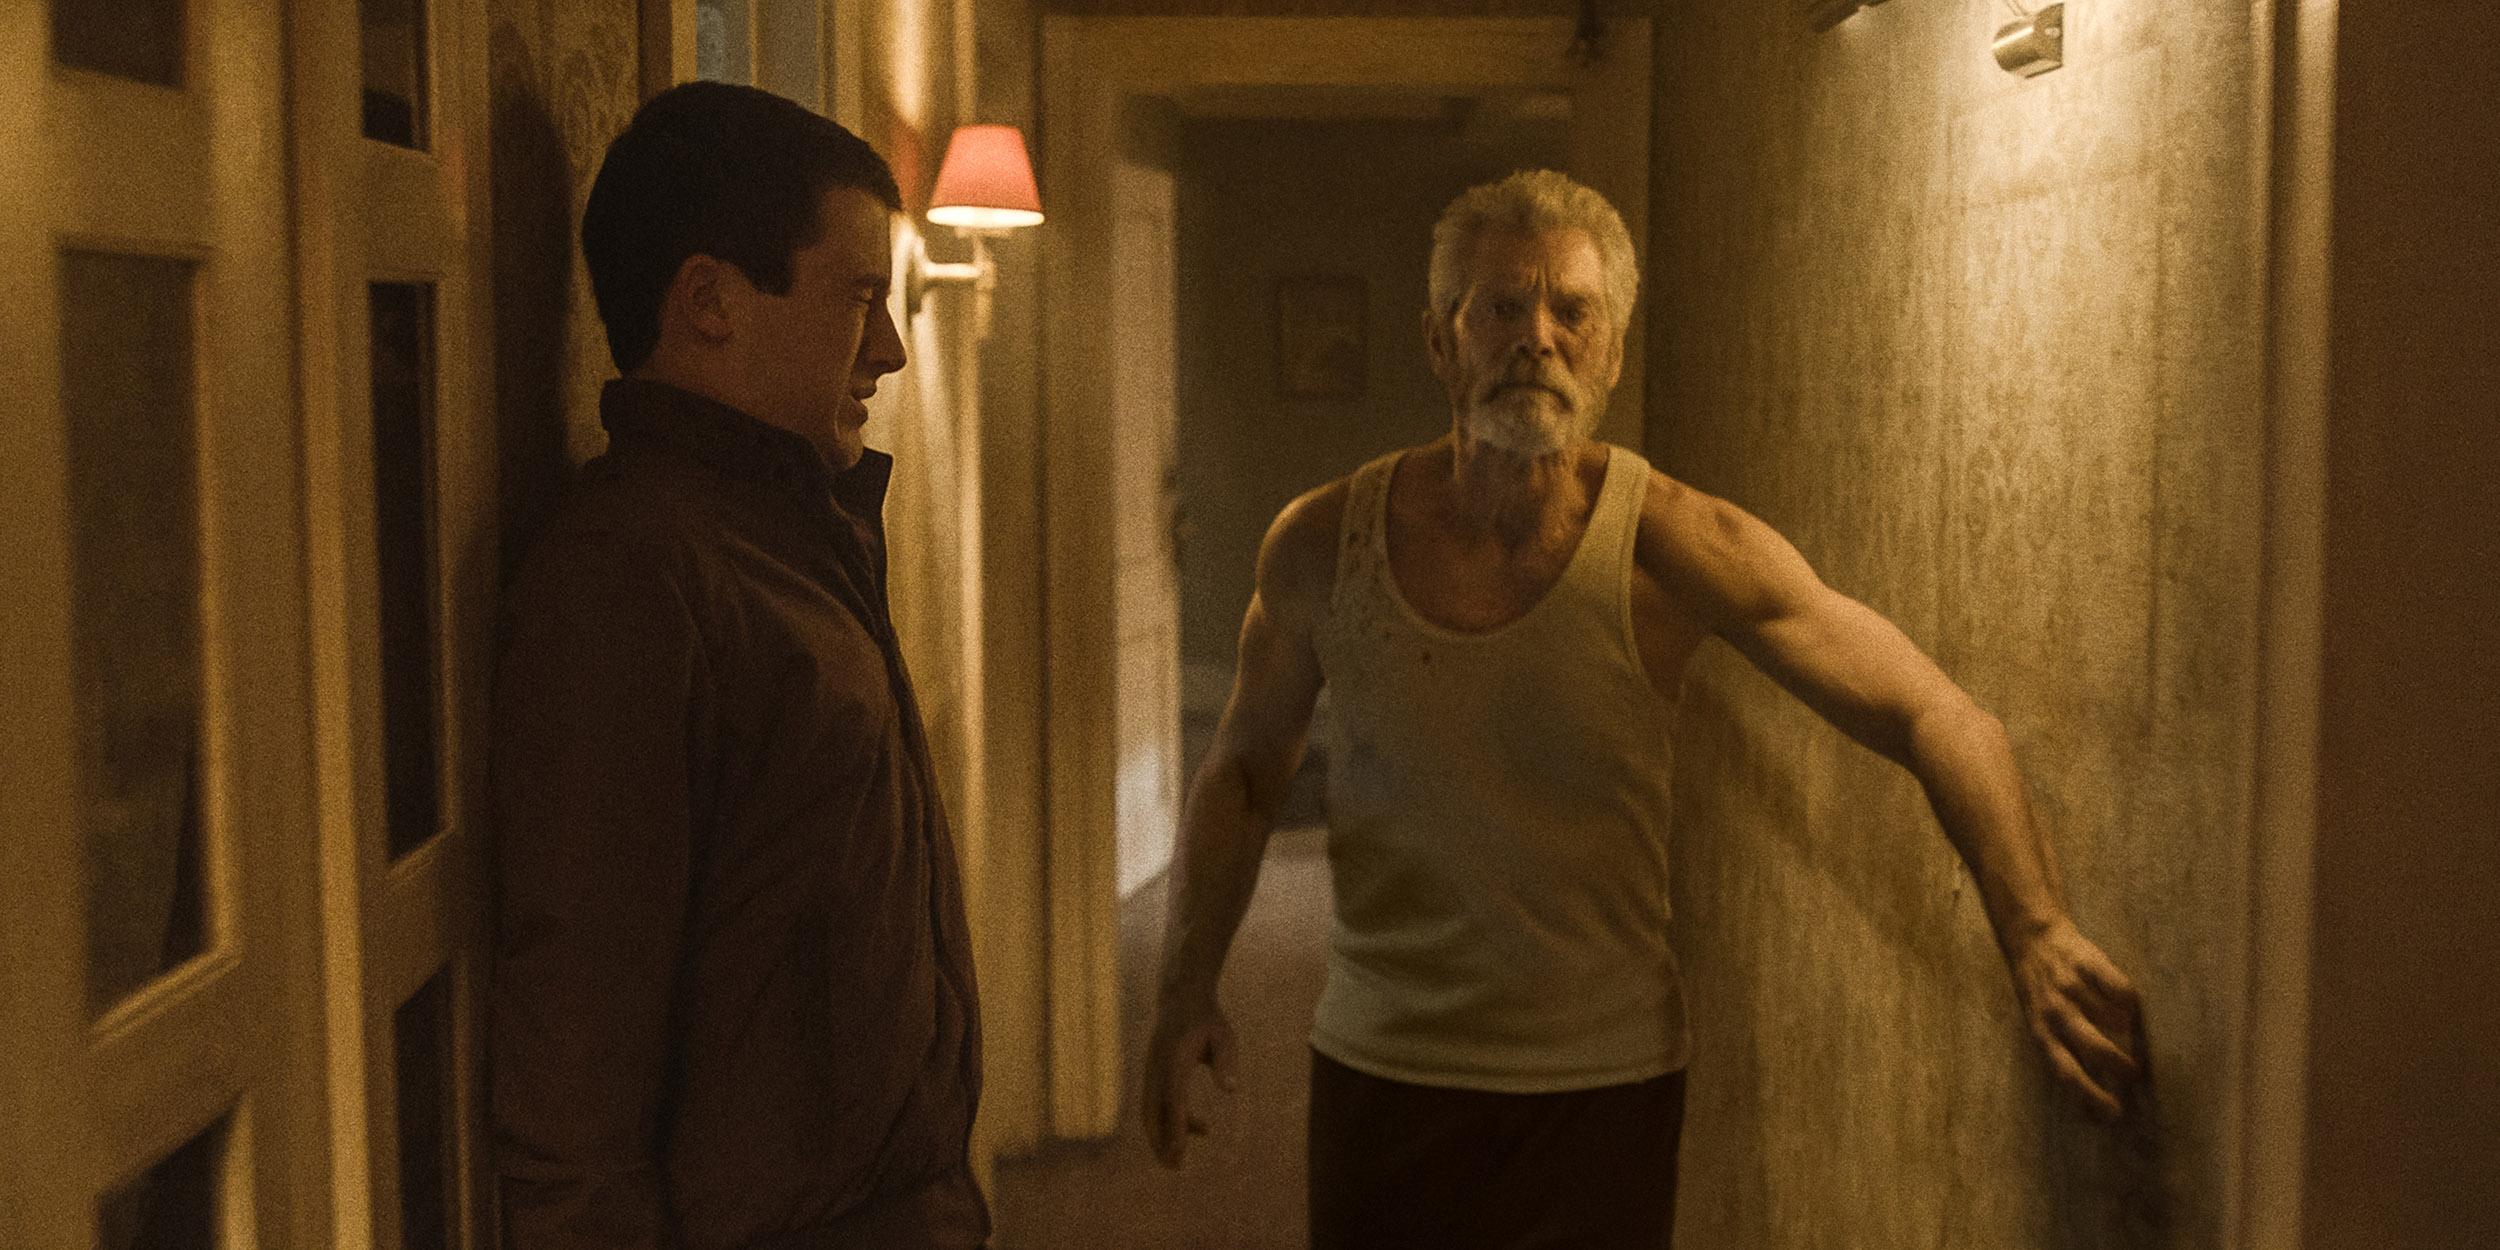 Dylan Minnette (left) and Stephen Lang star in Screen Gems' horror-thriller DON'T BREATHE.